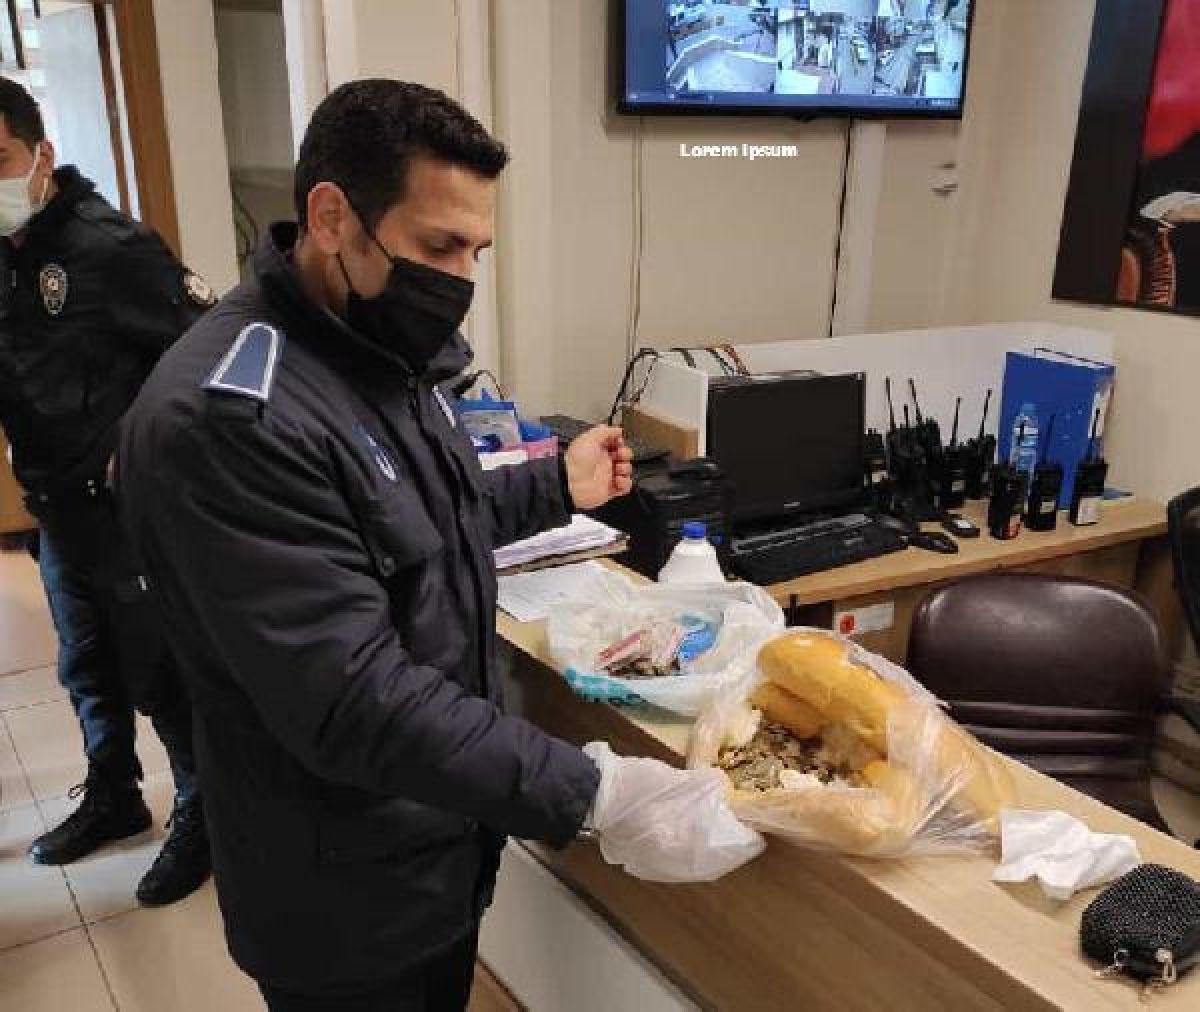 Sivas taki dilencinin ekmeğinin arasından bozuk paralar çıktı #2